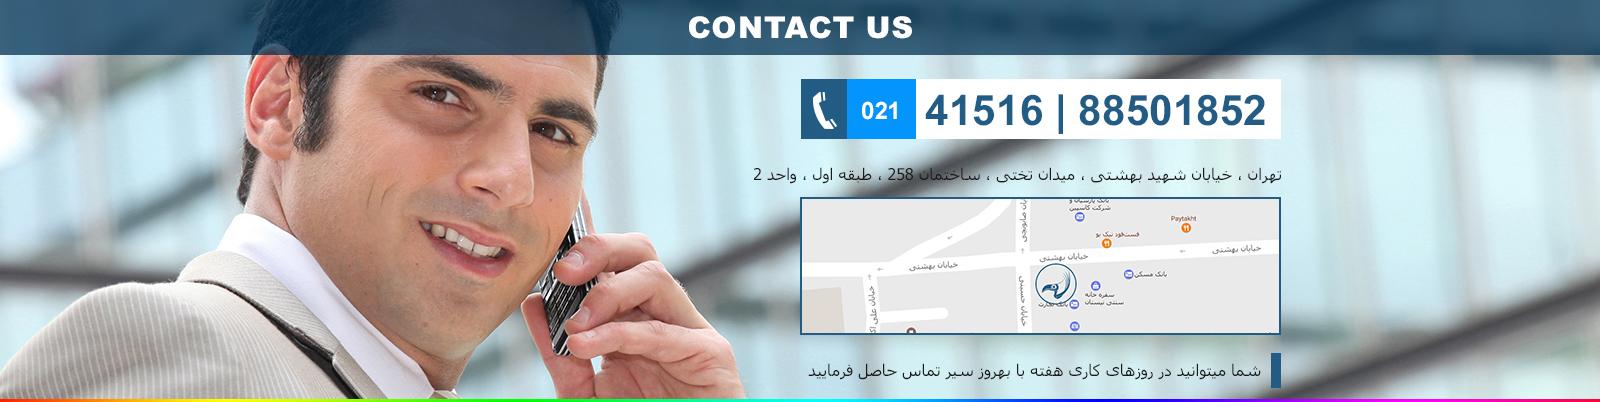 تماس با ما درباره ما